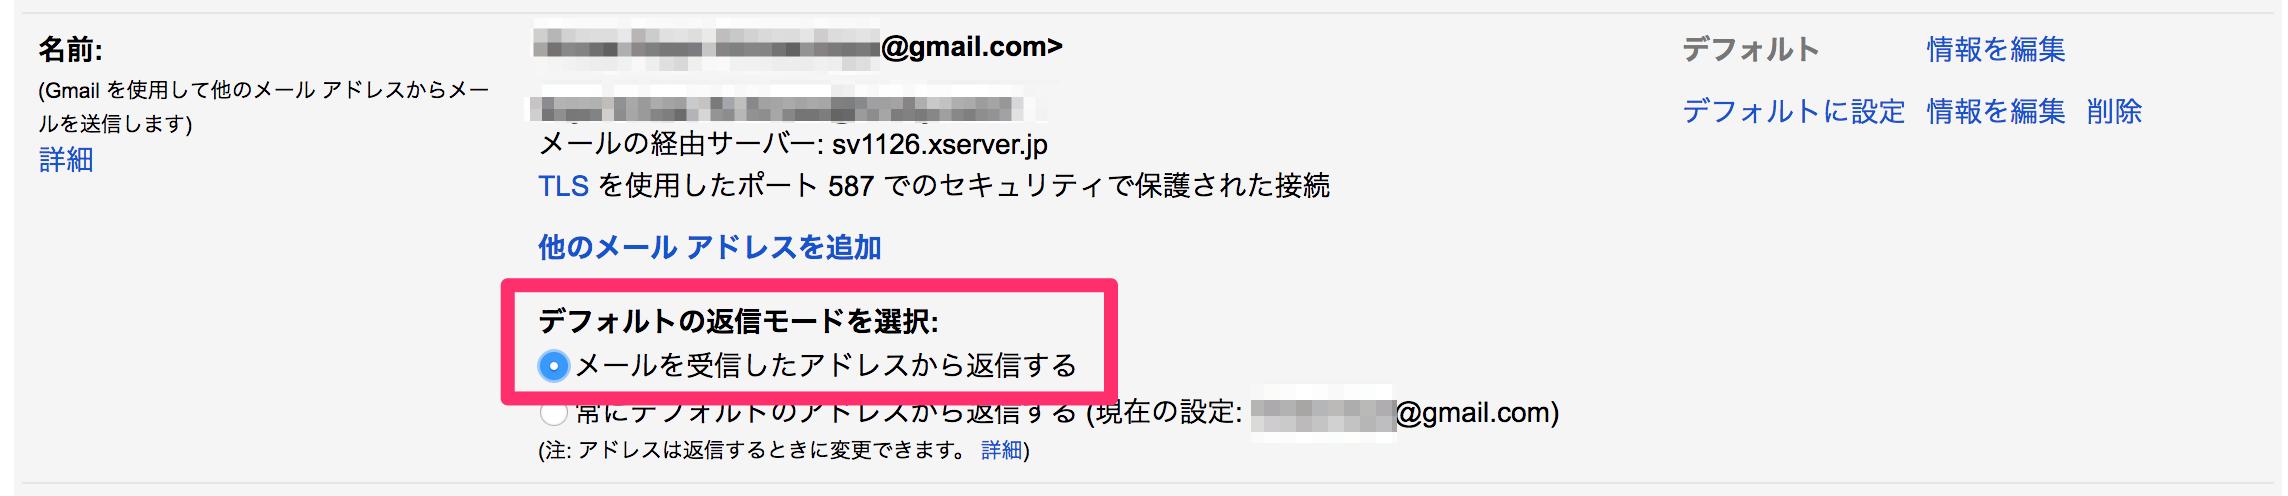 独自ドメインメールアドレスの右の「デフォルトに設定」をクリックします